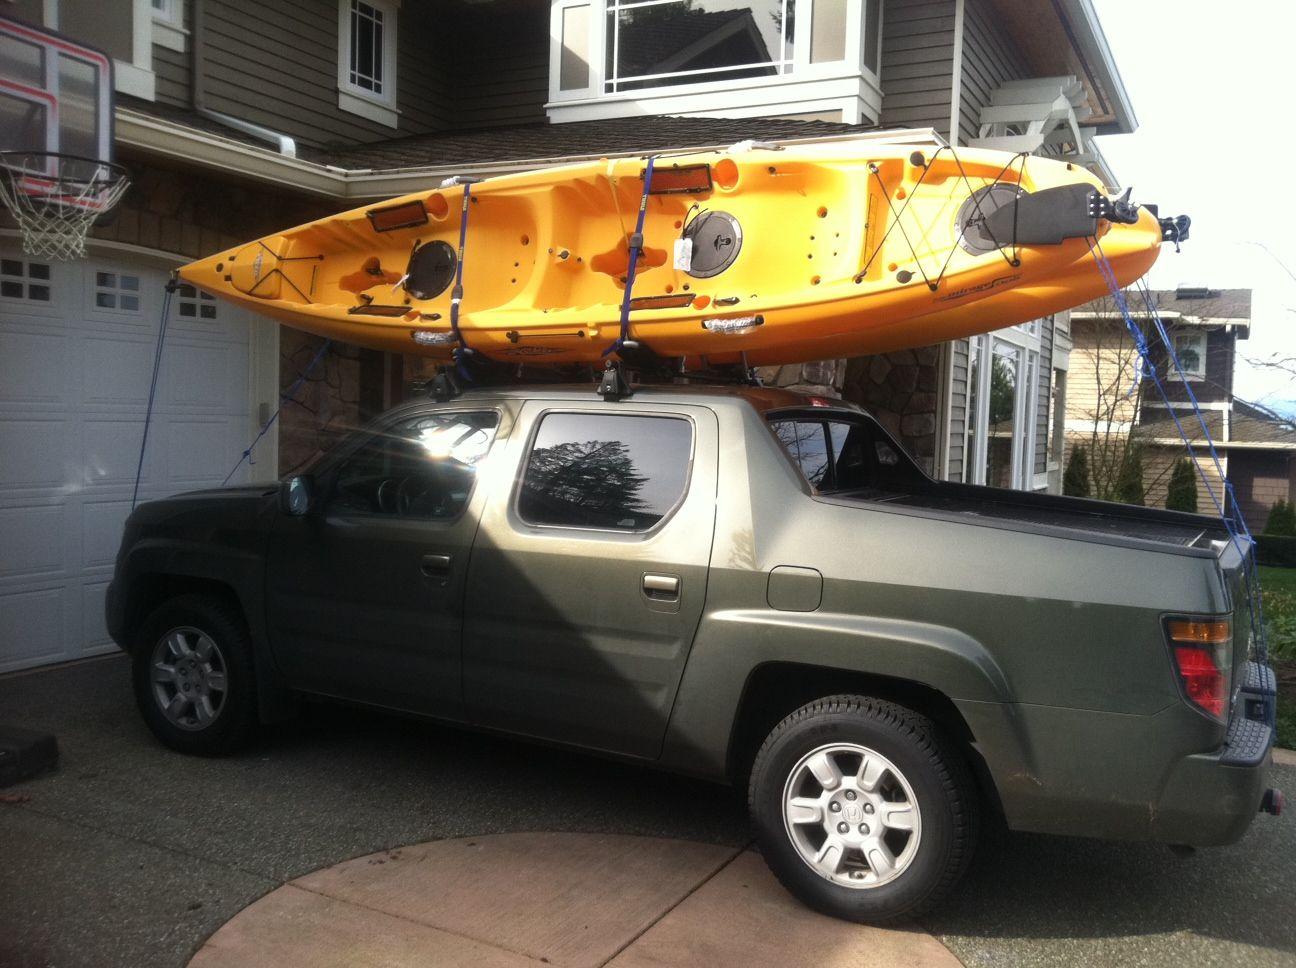 Honda ridgeline kayak roof rack truck racks for kayaks